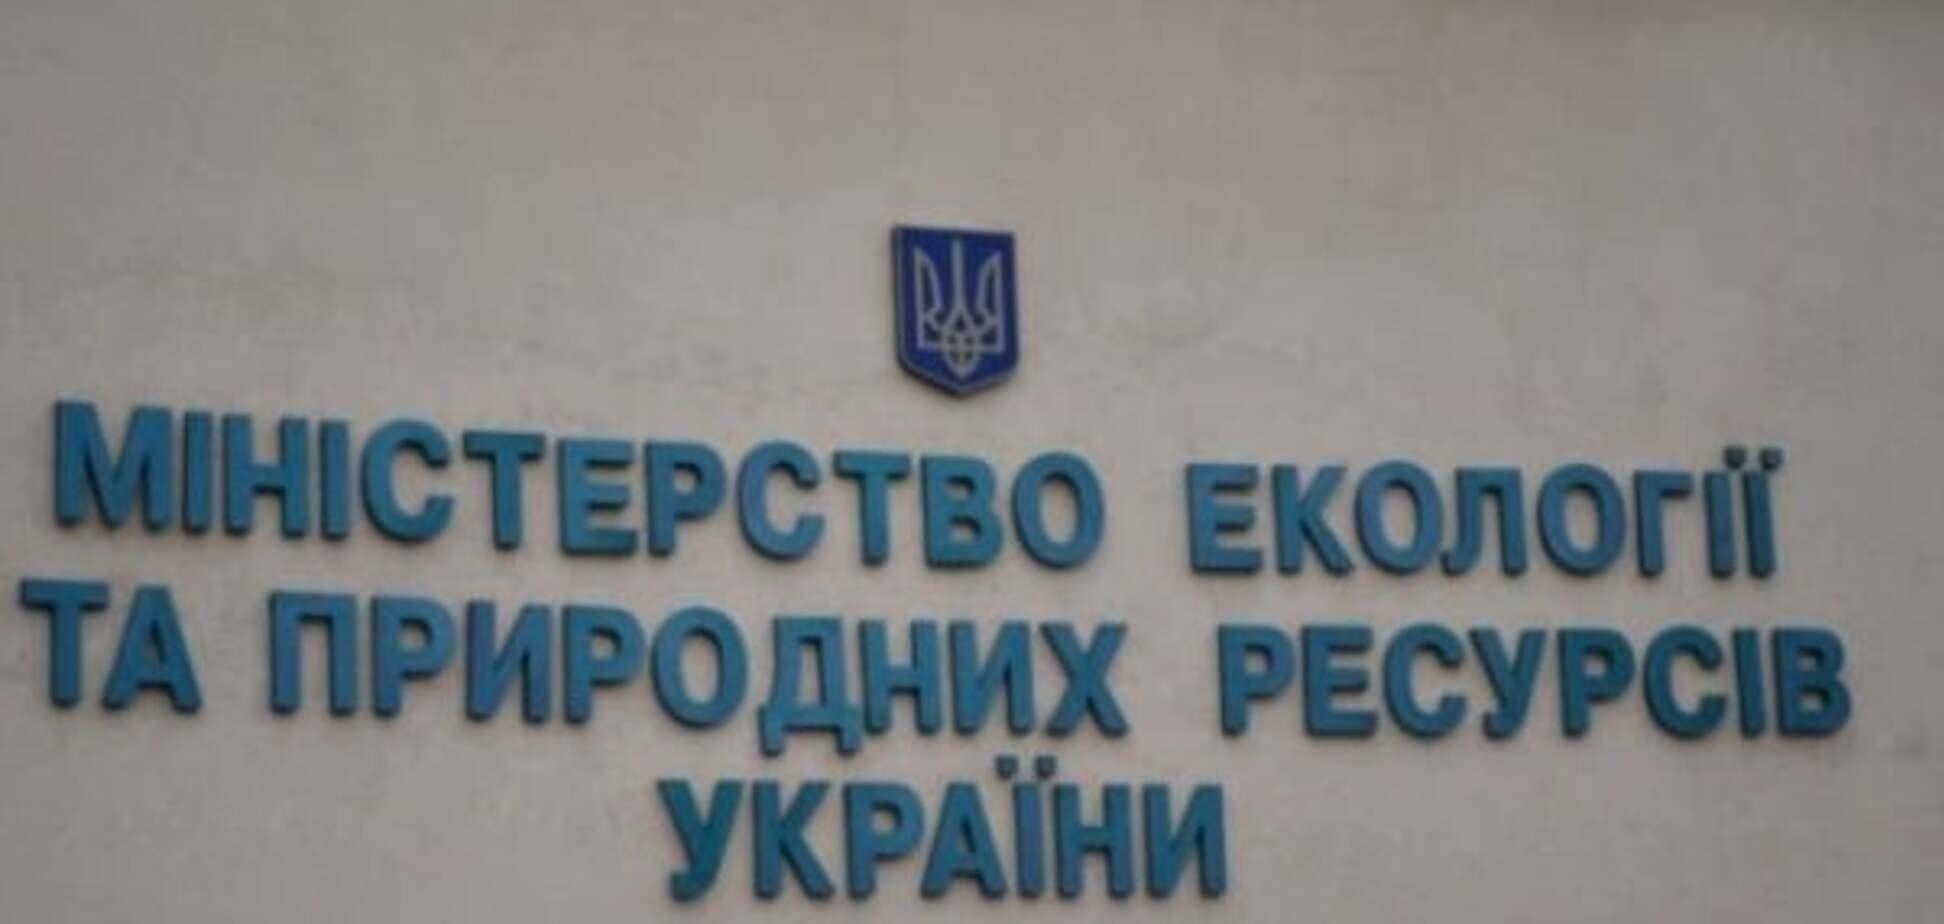 Кабмін призначив т.в.о. міністра екології